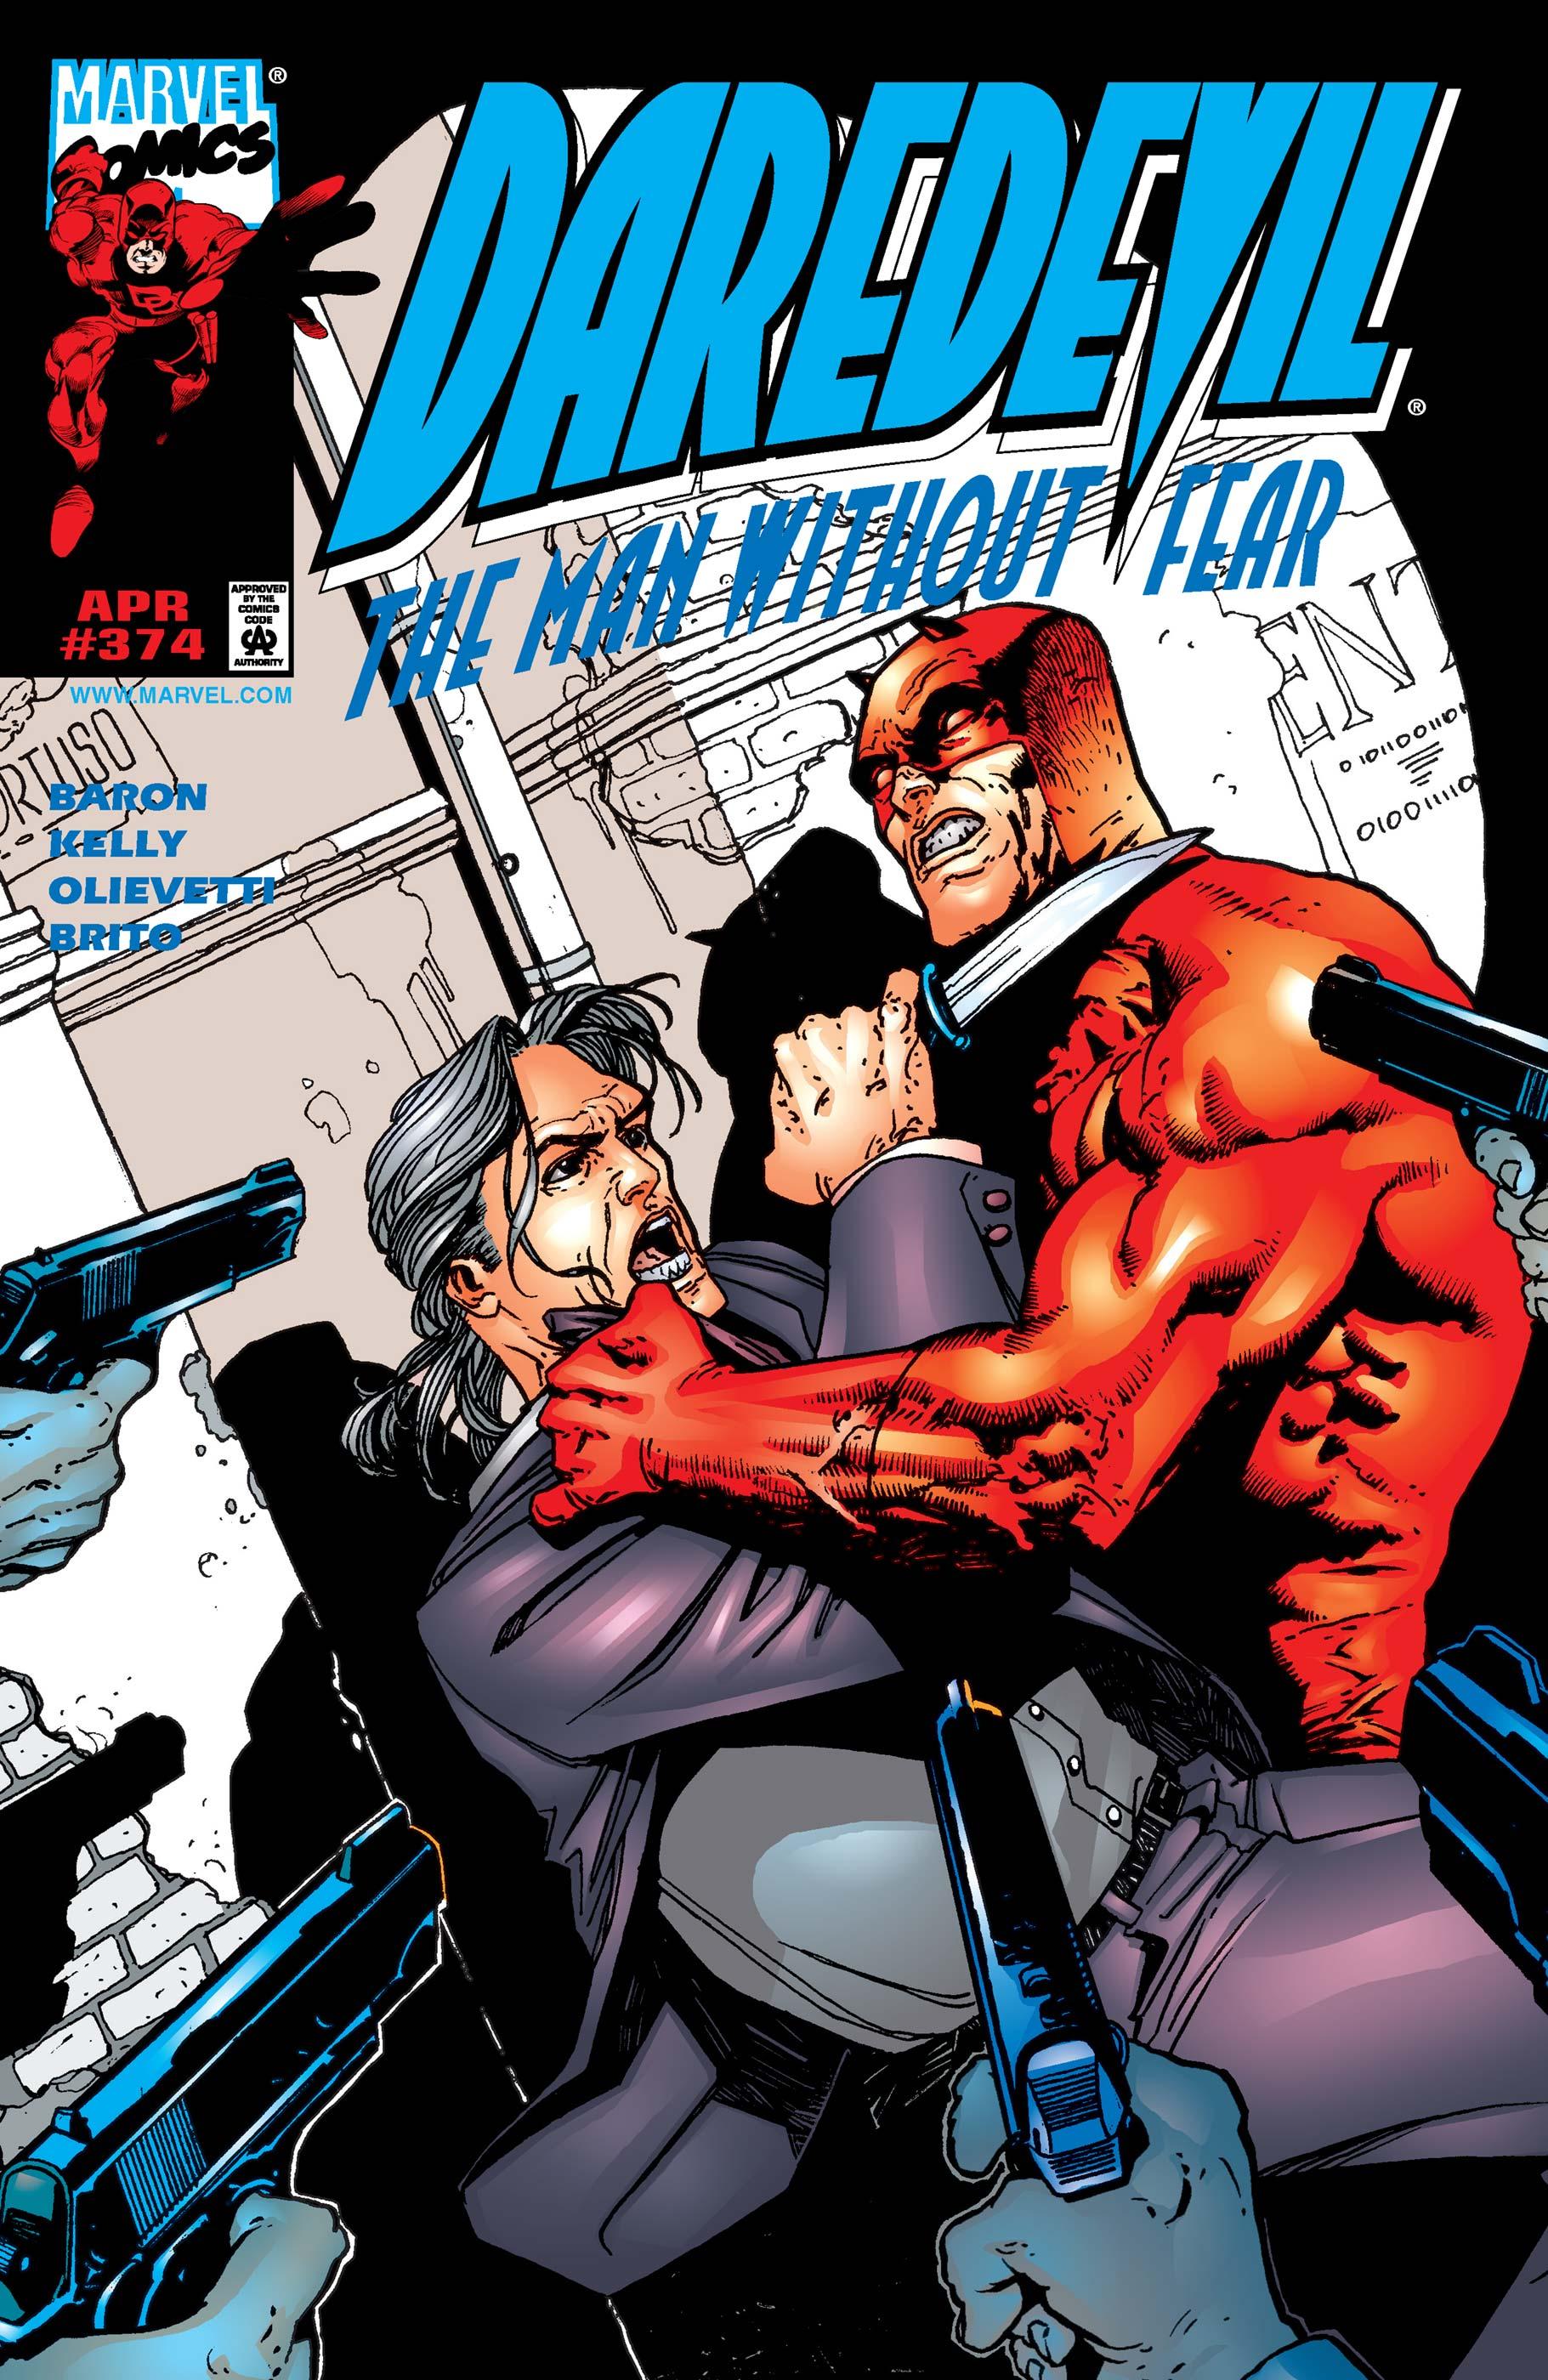 Daredevil (1964) #374